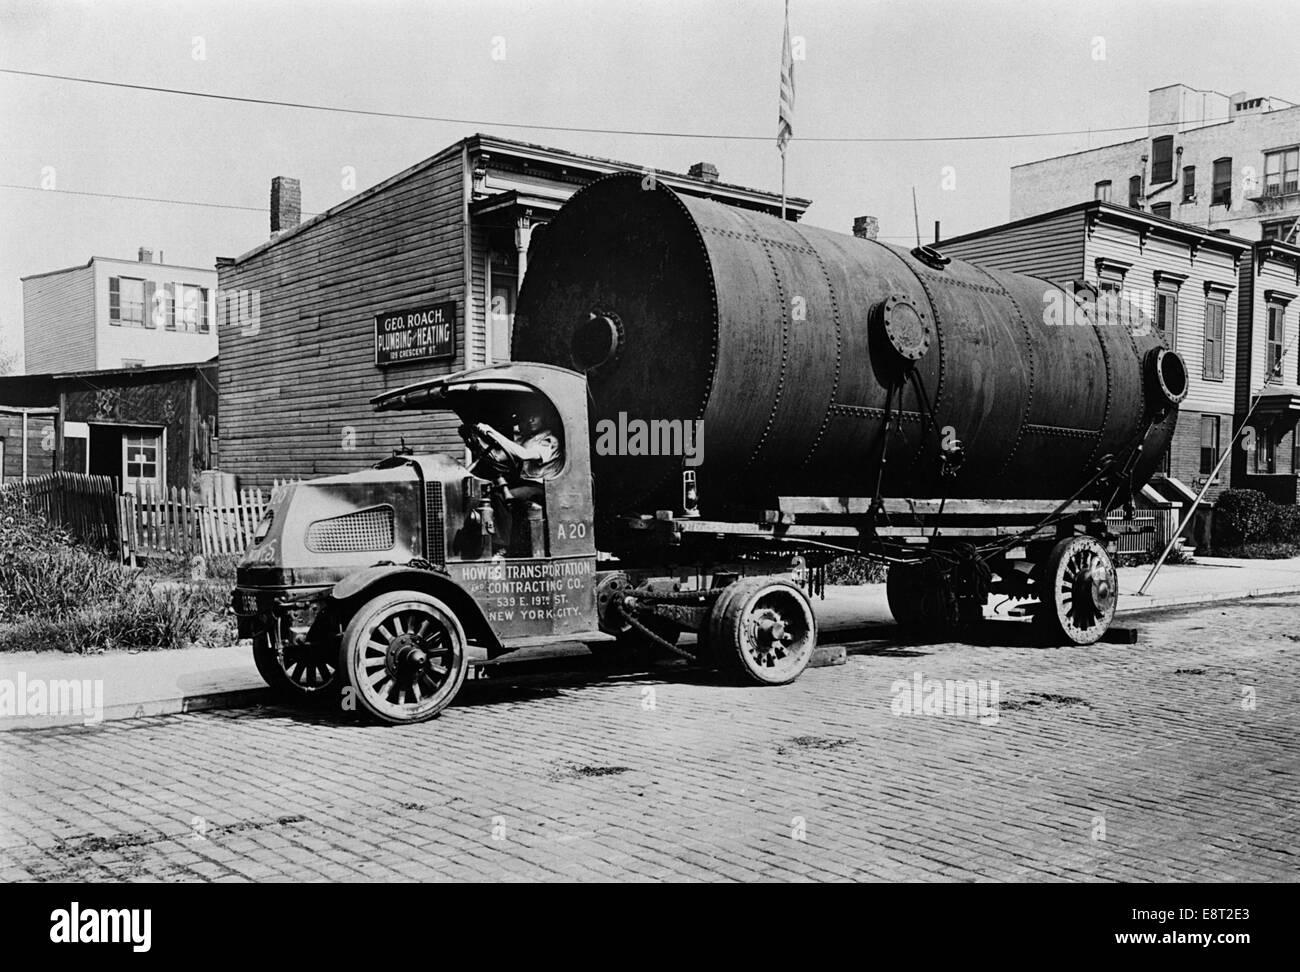 Mack C Model Trucks : Mack bulldog model a c crescent street queens new